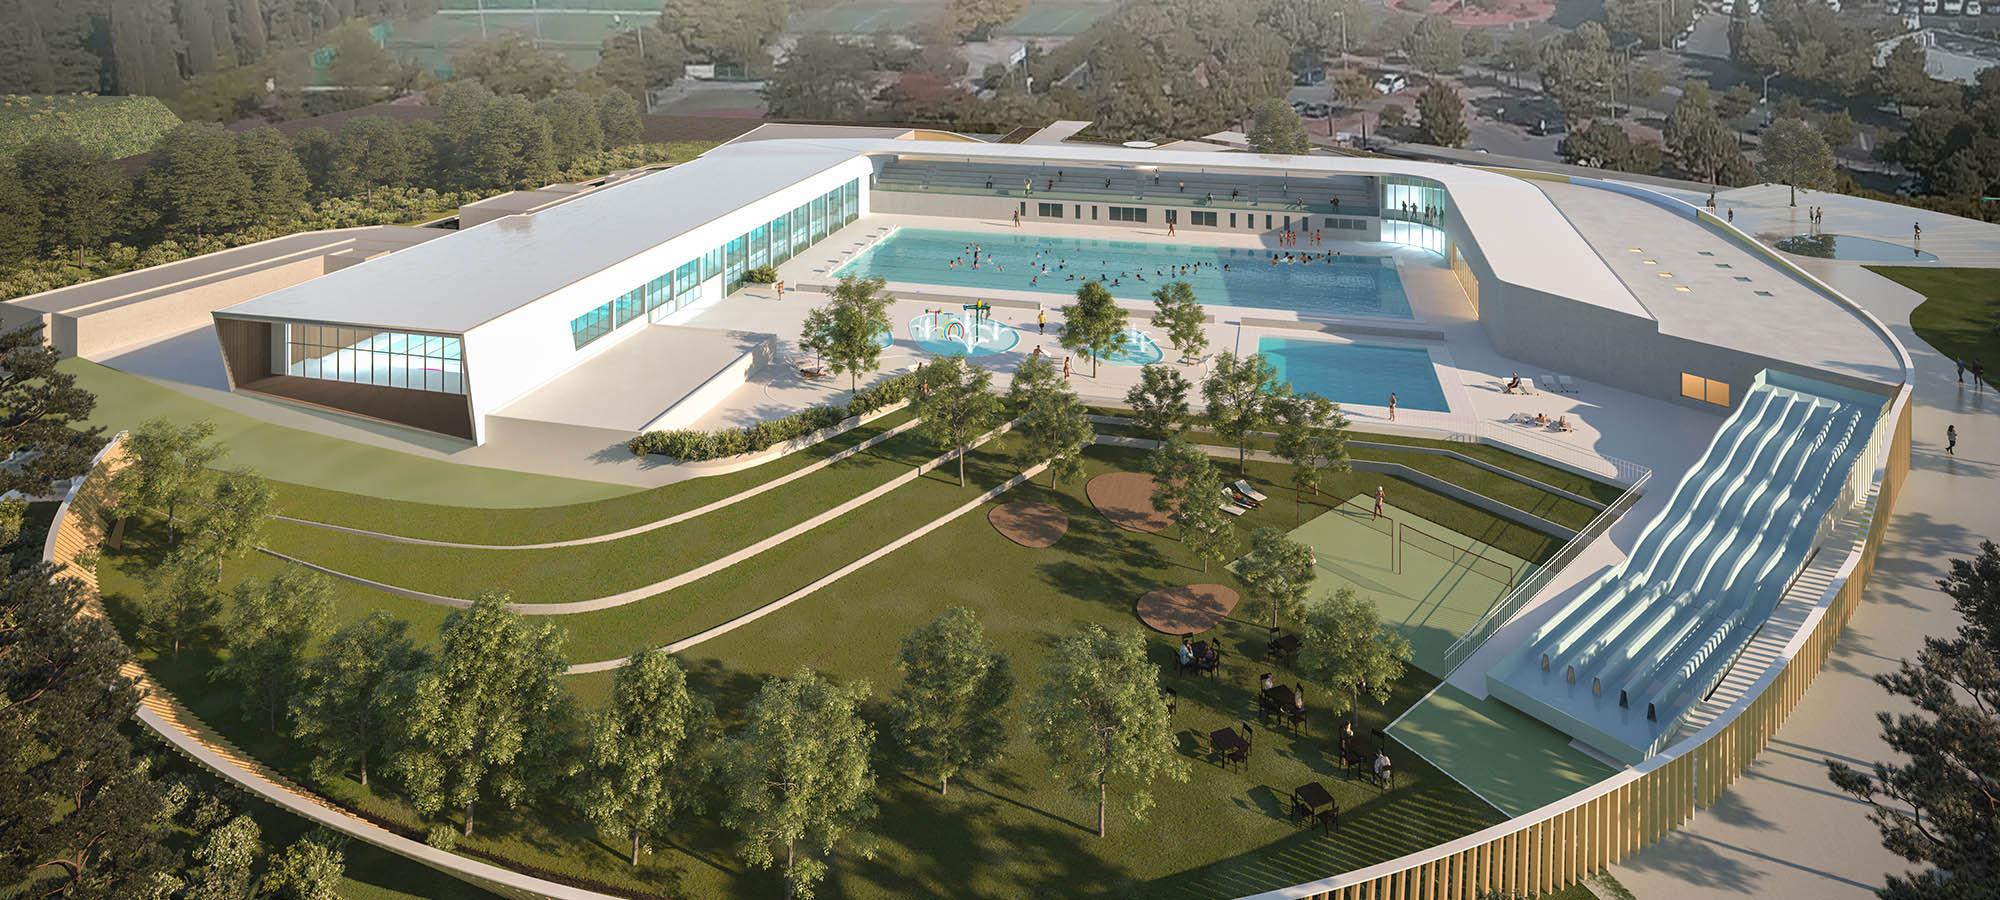 Occitanie / Montpellier : La Rénovation Du Centre Nautique ... pour Piscine Neptune Montpellier